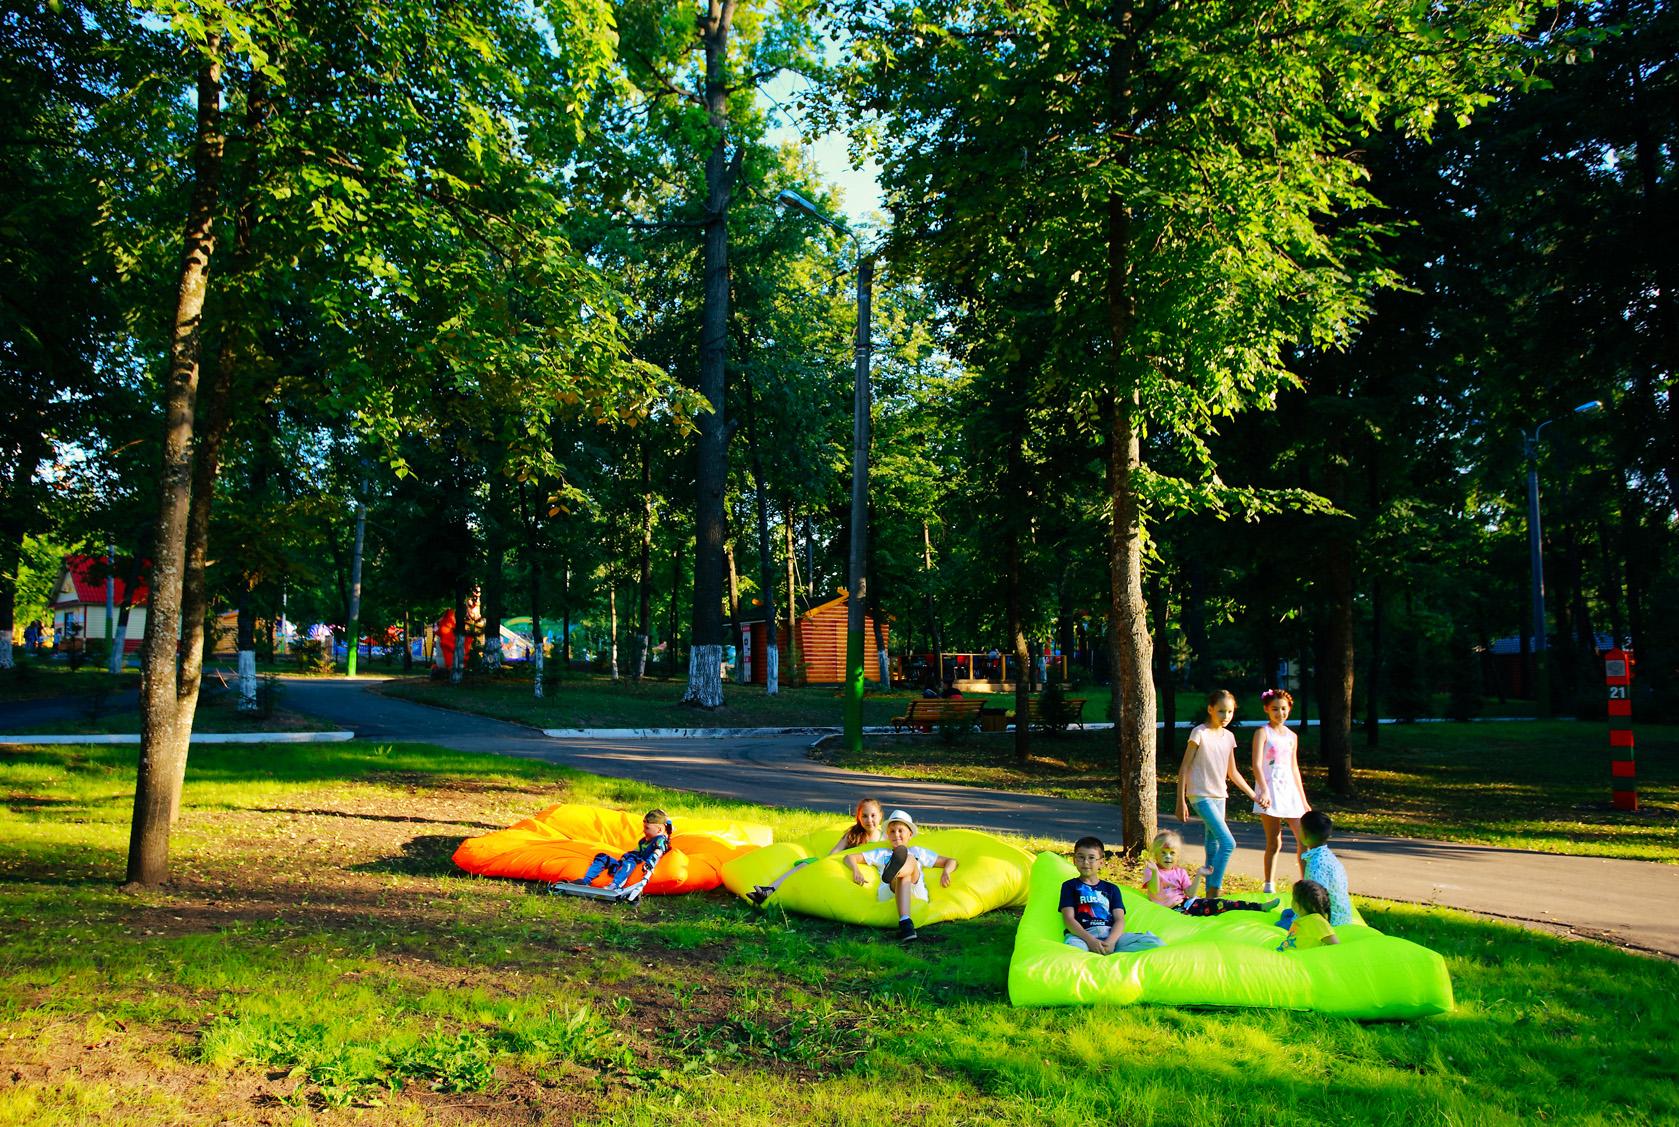 лакреевский парк фото лого состоит нескольких